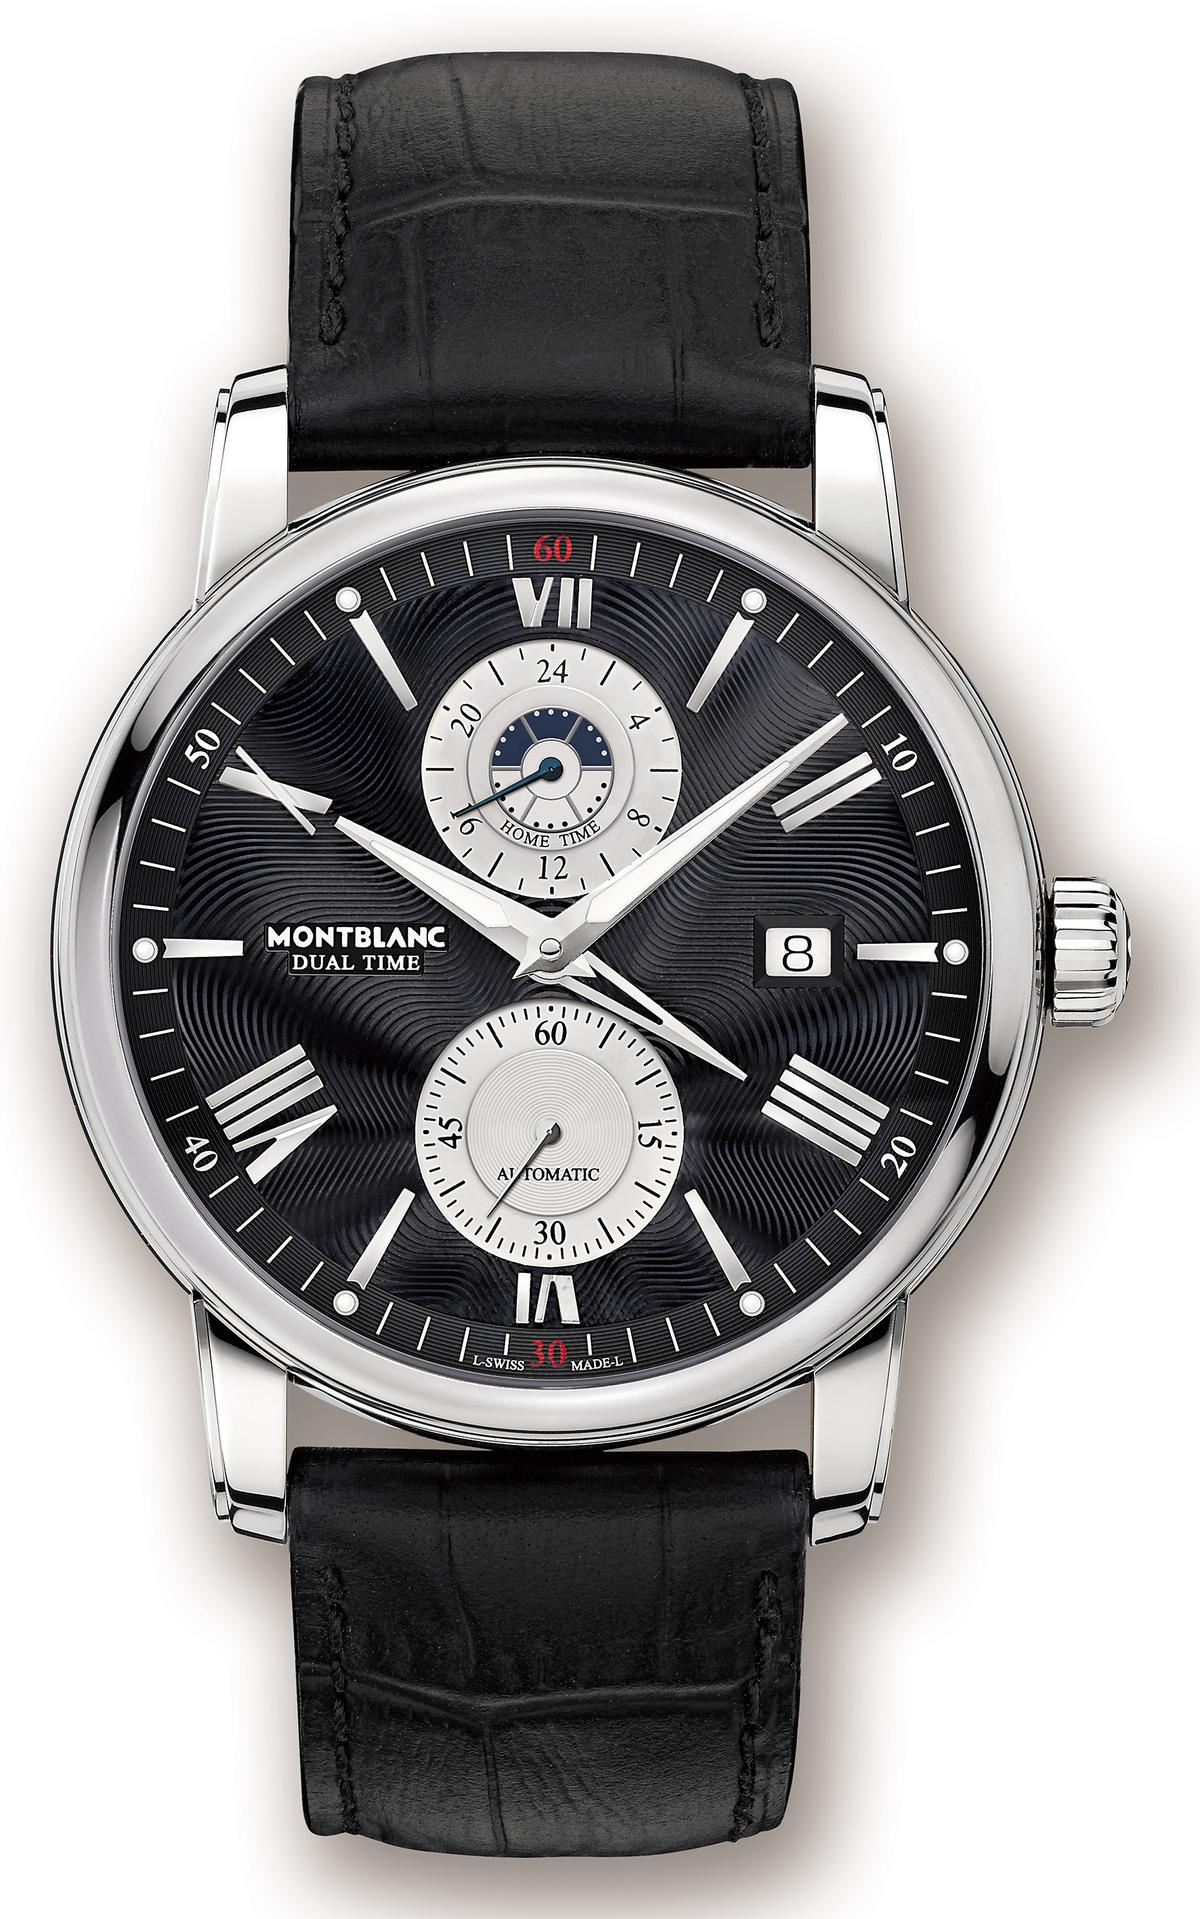 萬寶龍4810系列黑面款雙時區腕錶,NT$148,400。